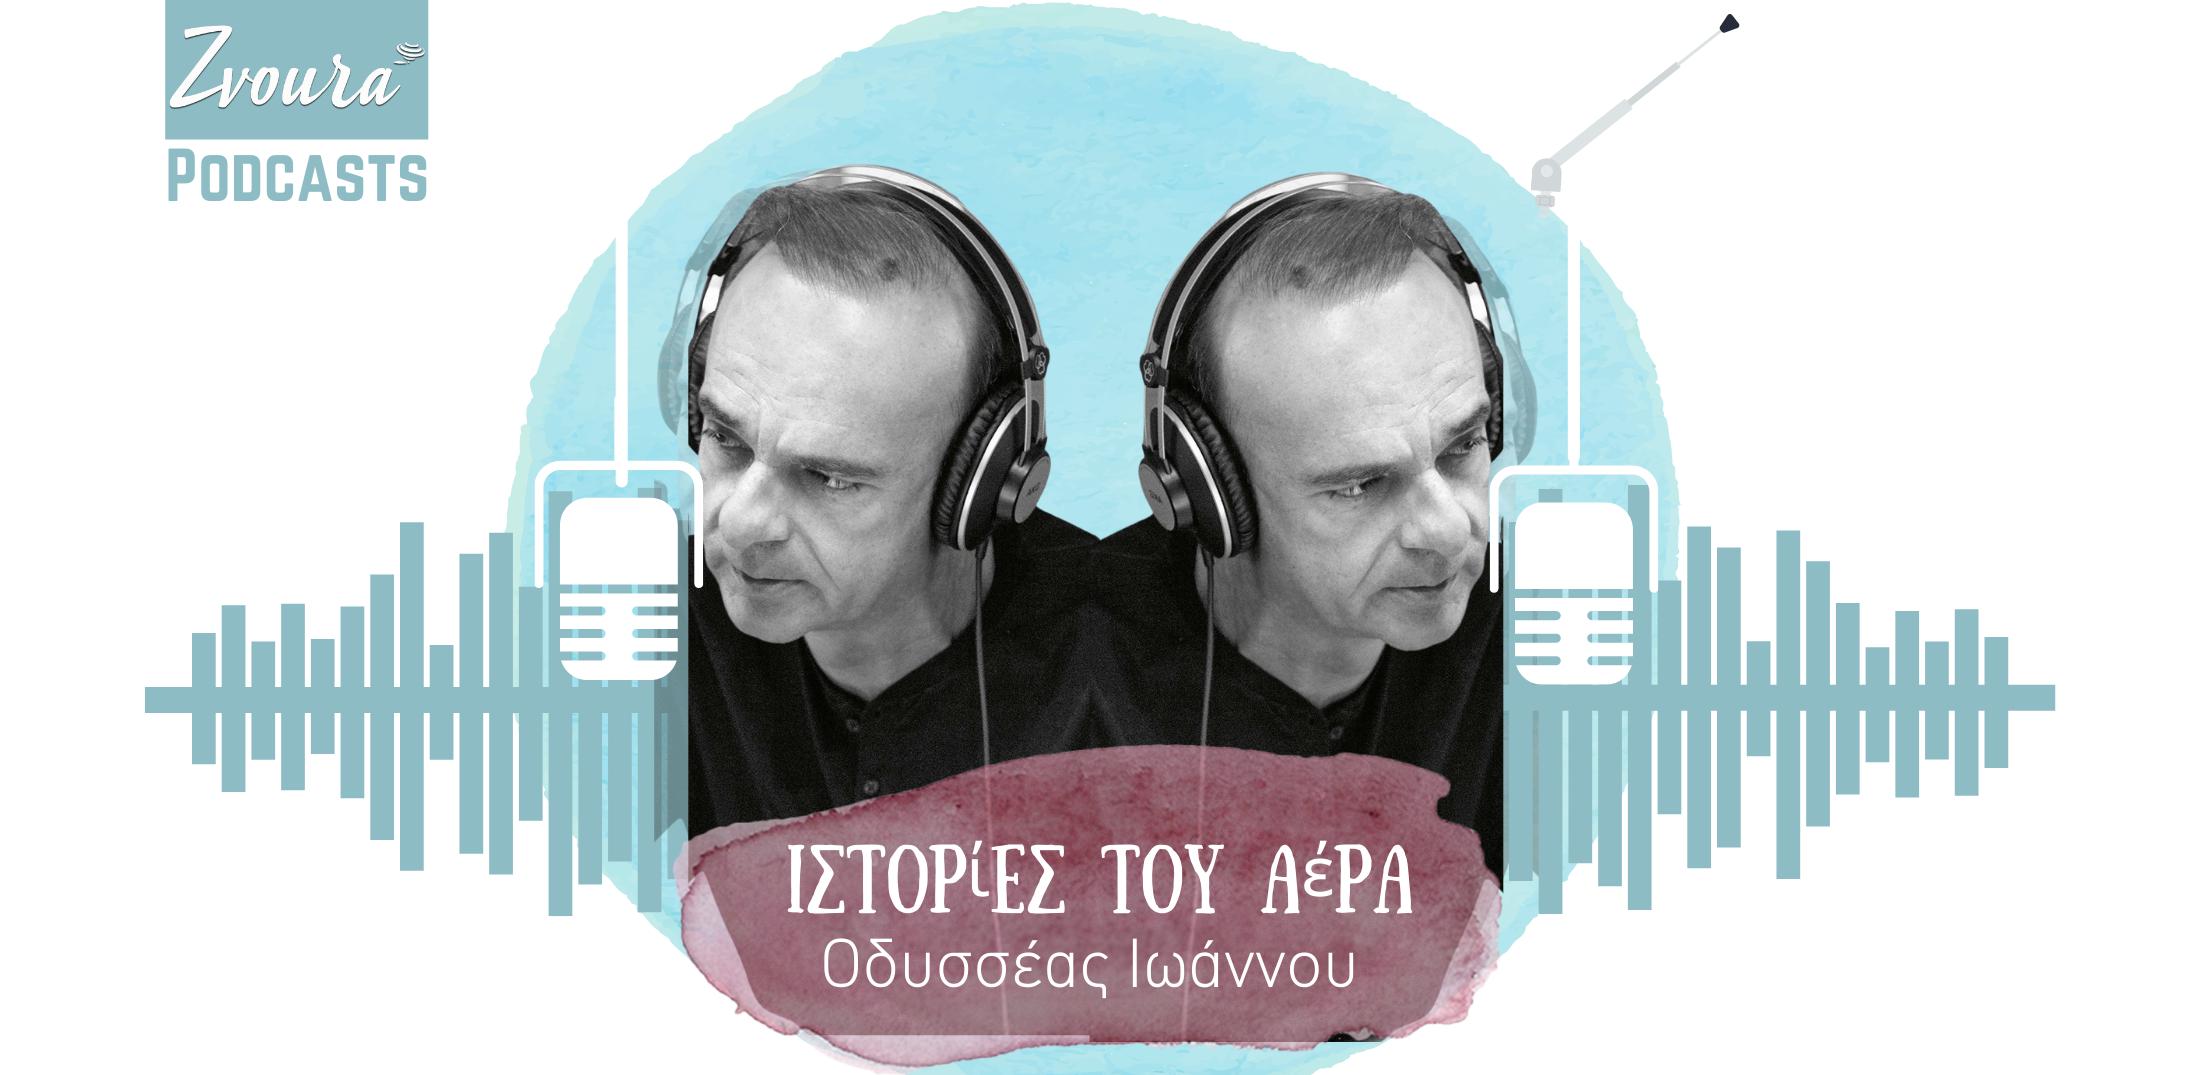 Ιστορίες του αέρα από τον Οδυσσέα Ιωάννου_zvoura.gr